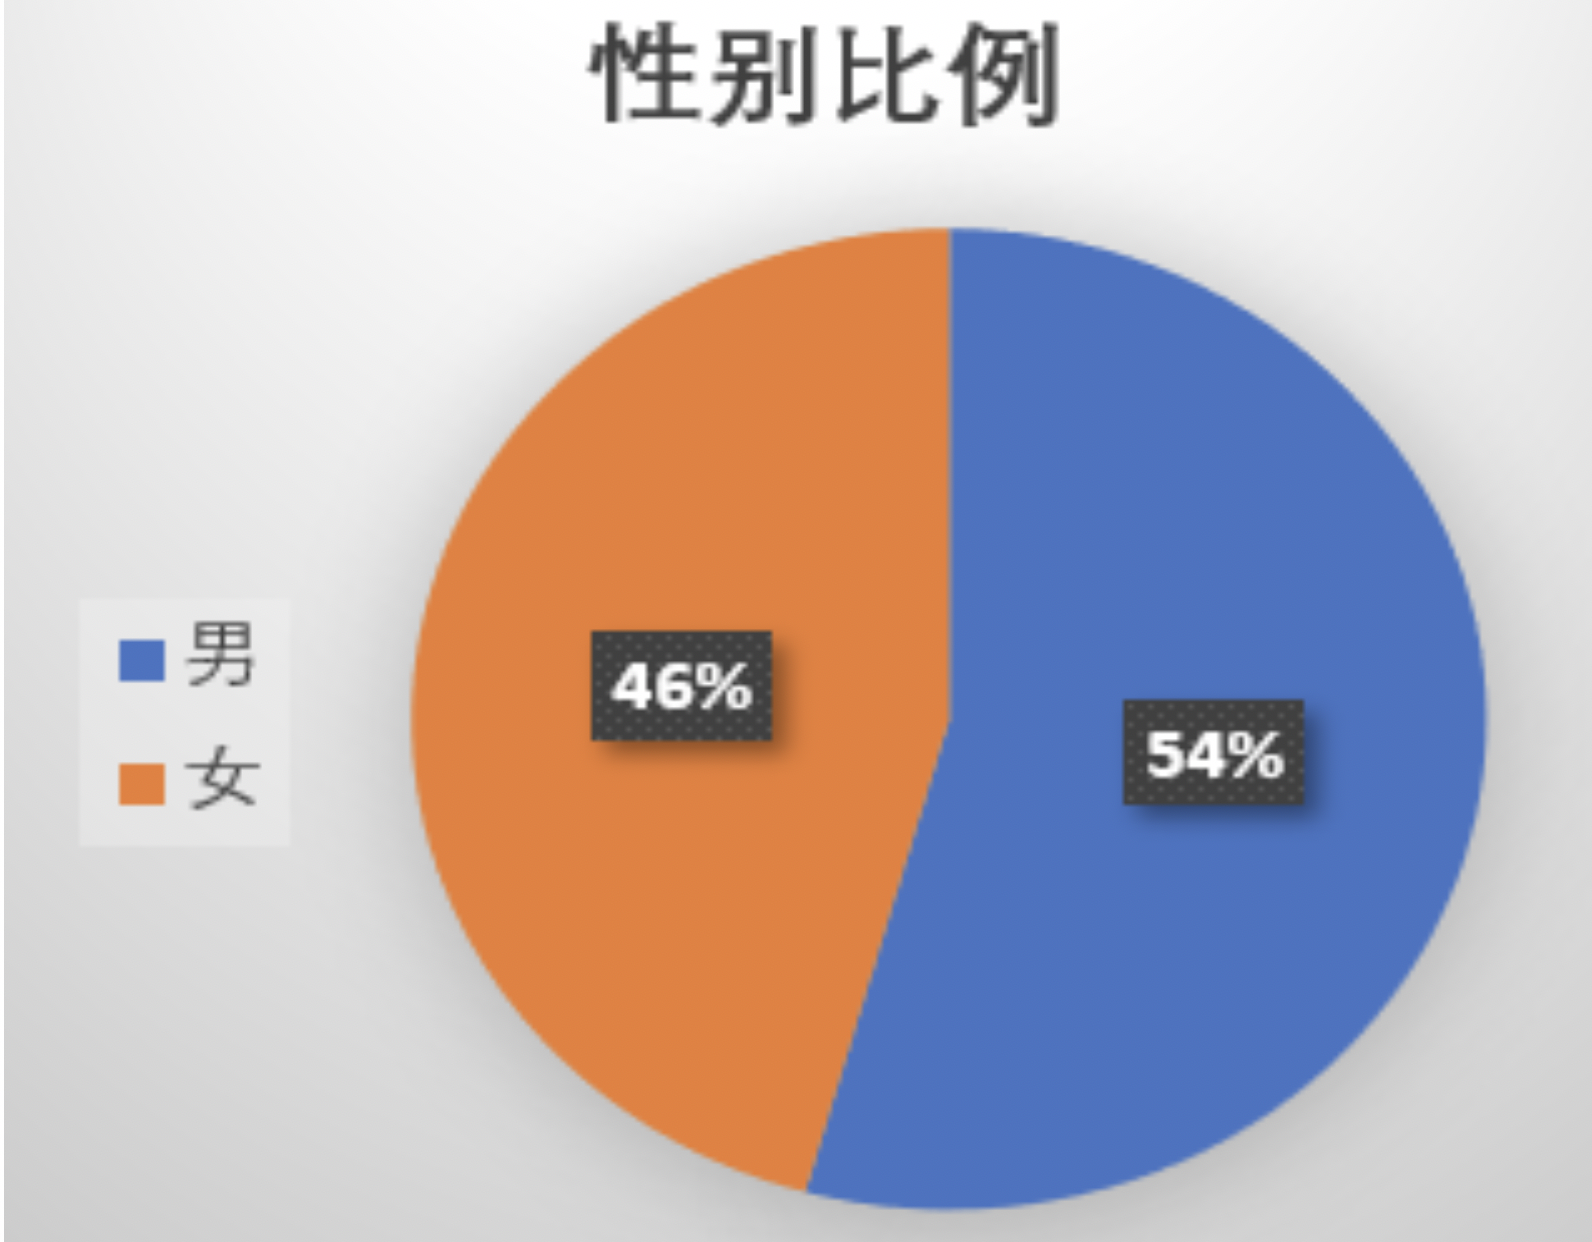 ▲图1 研究样个性别比例